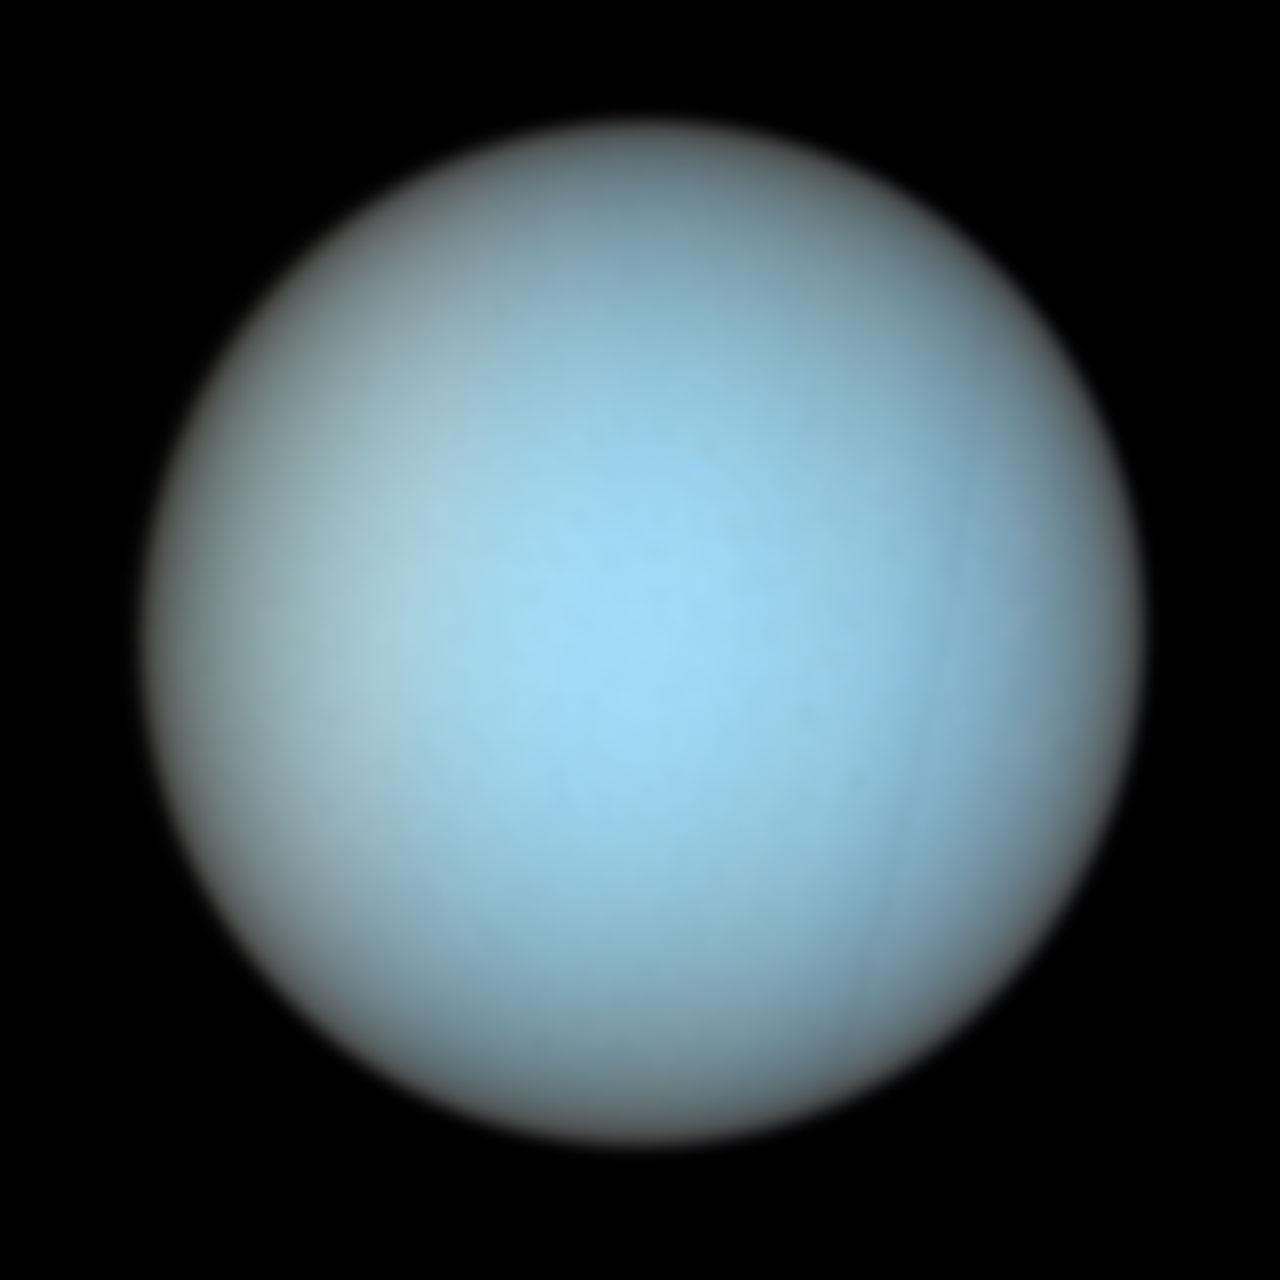 Uranus In Natural Colors Esa Hubble